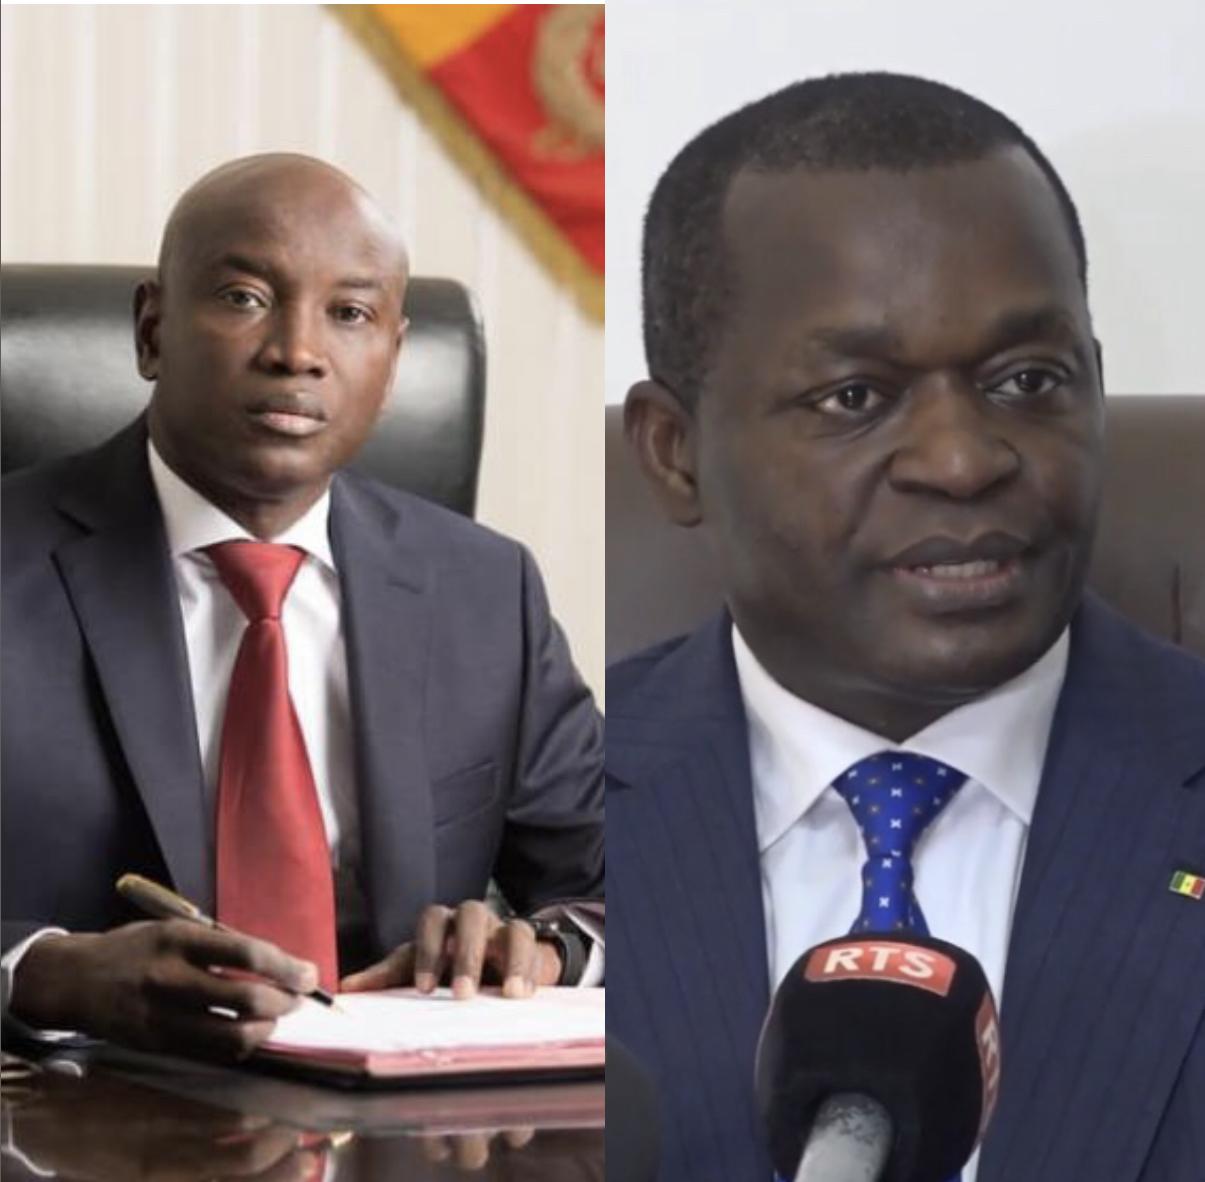 Visas aux étrangers - Cacophonie ministérielle : La communication passe t-elle entre les ministres de l'Intérieur et du Tourisme ?